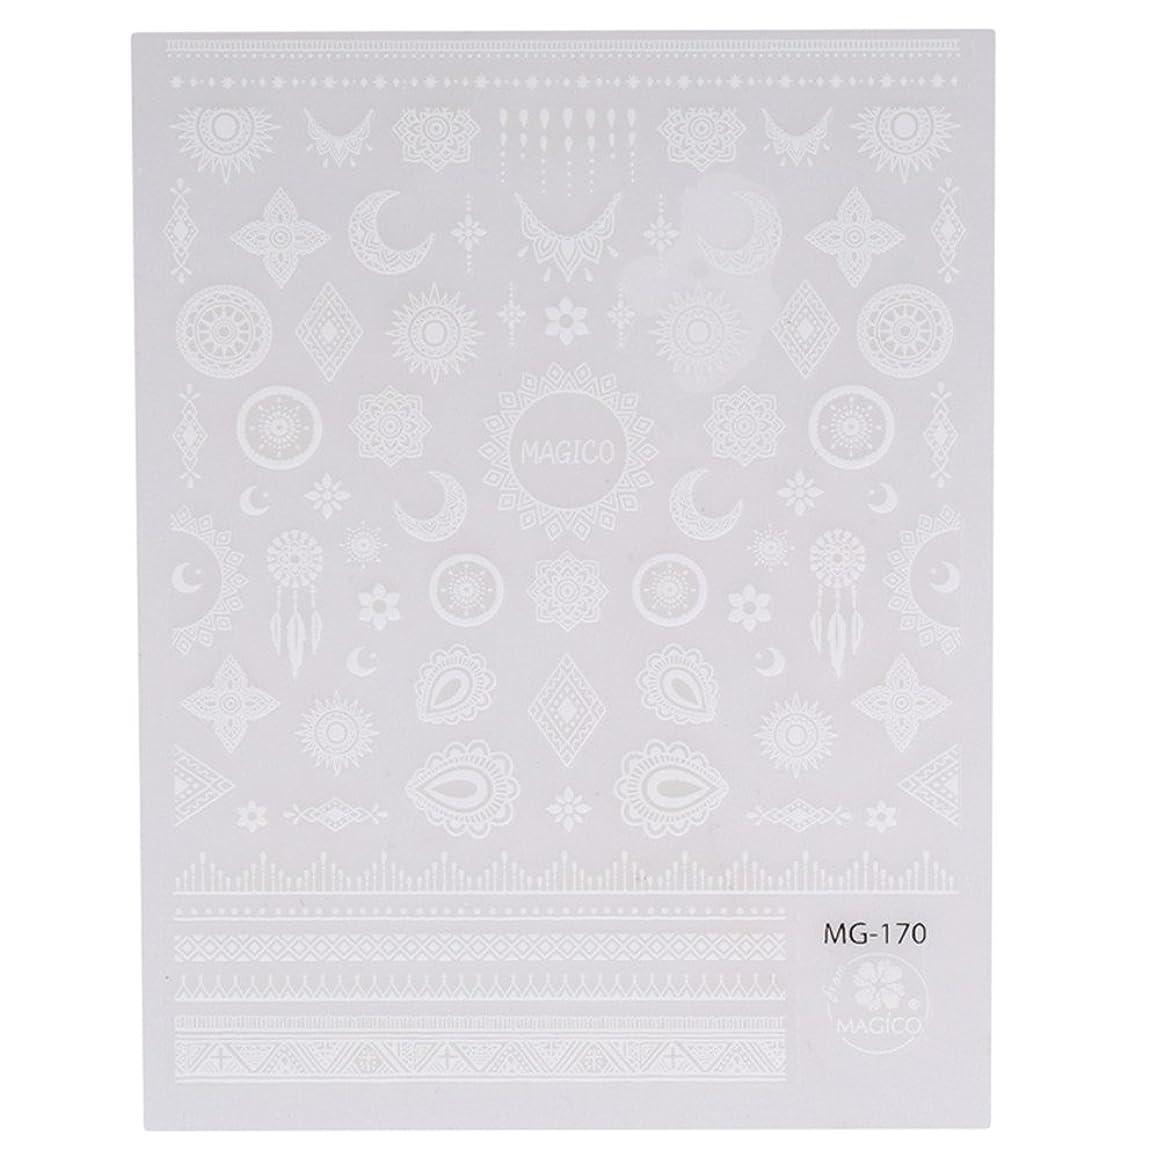 今晩水新鮮なJIOLK ネイルシール レース ネイルステッカー 星 月 ネイルアート 貼るだけでいい 可愛い ネイル飾り ネイル パーツ アクセサリー